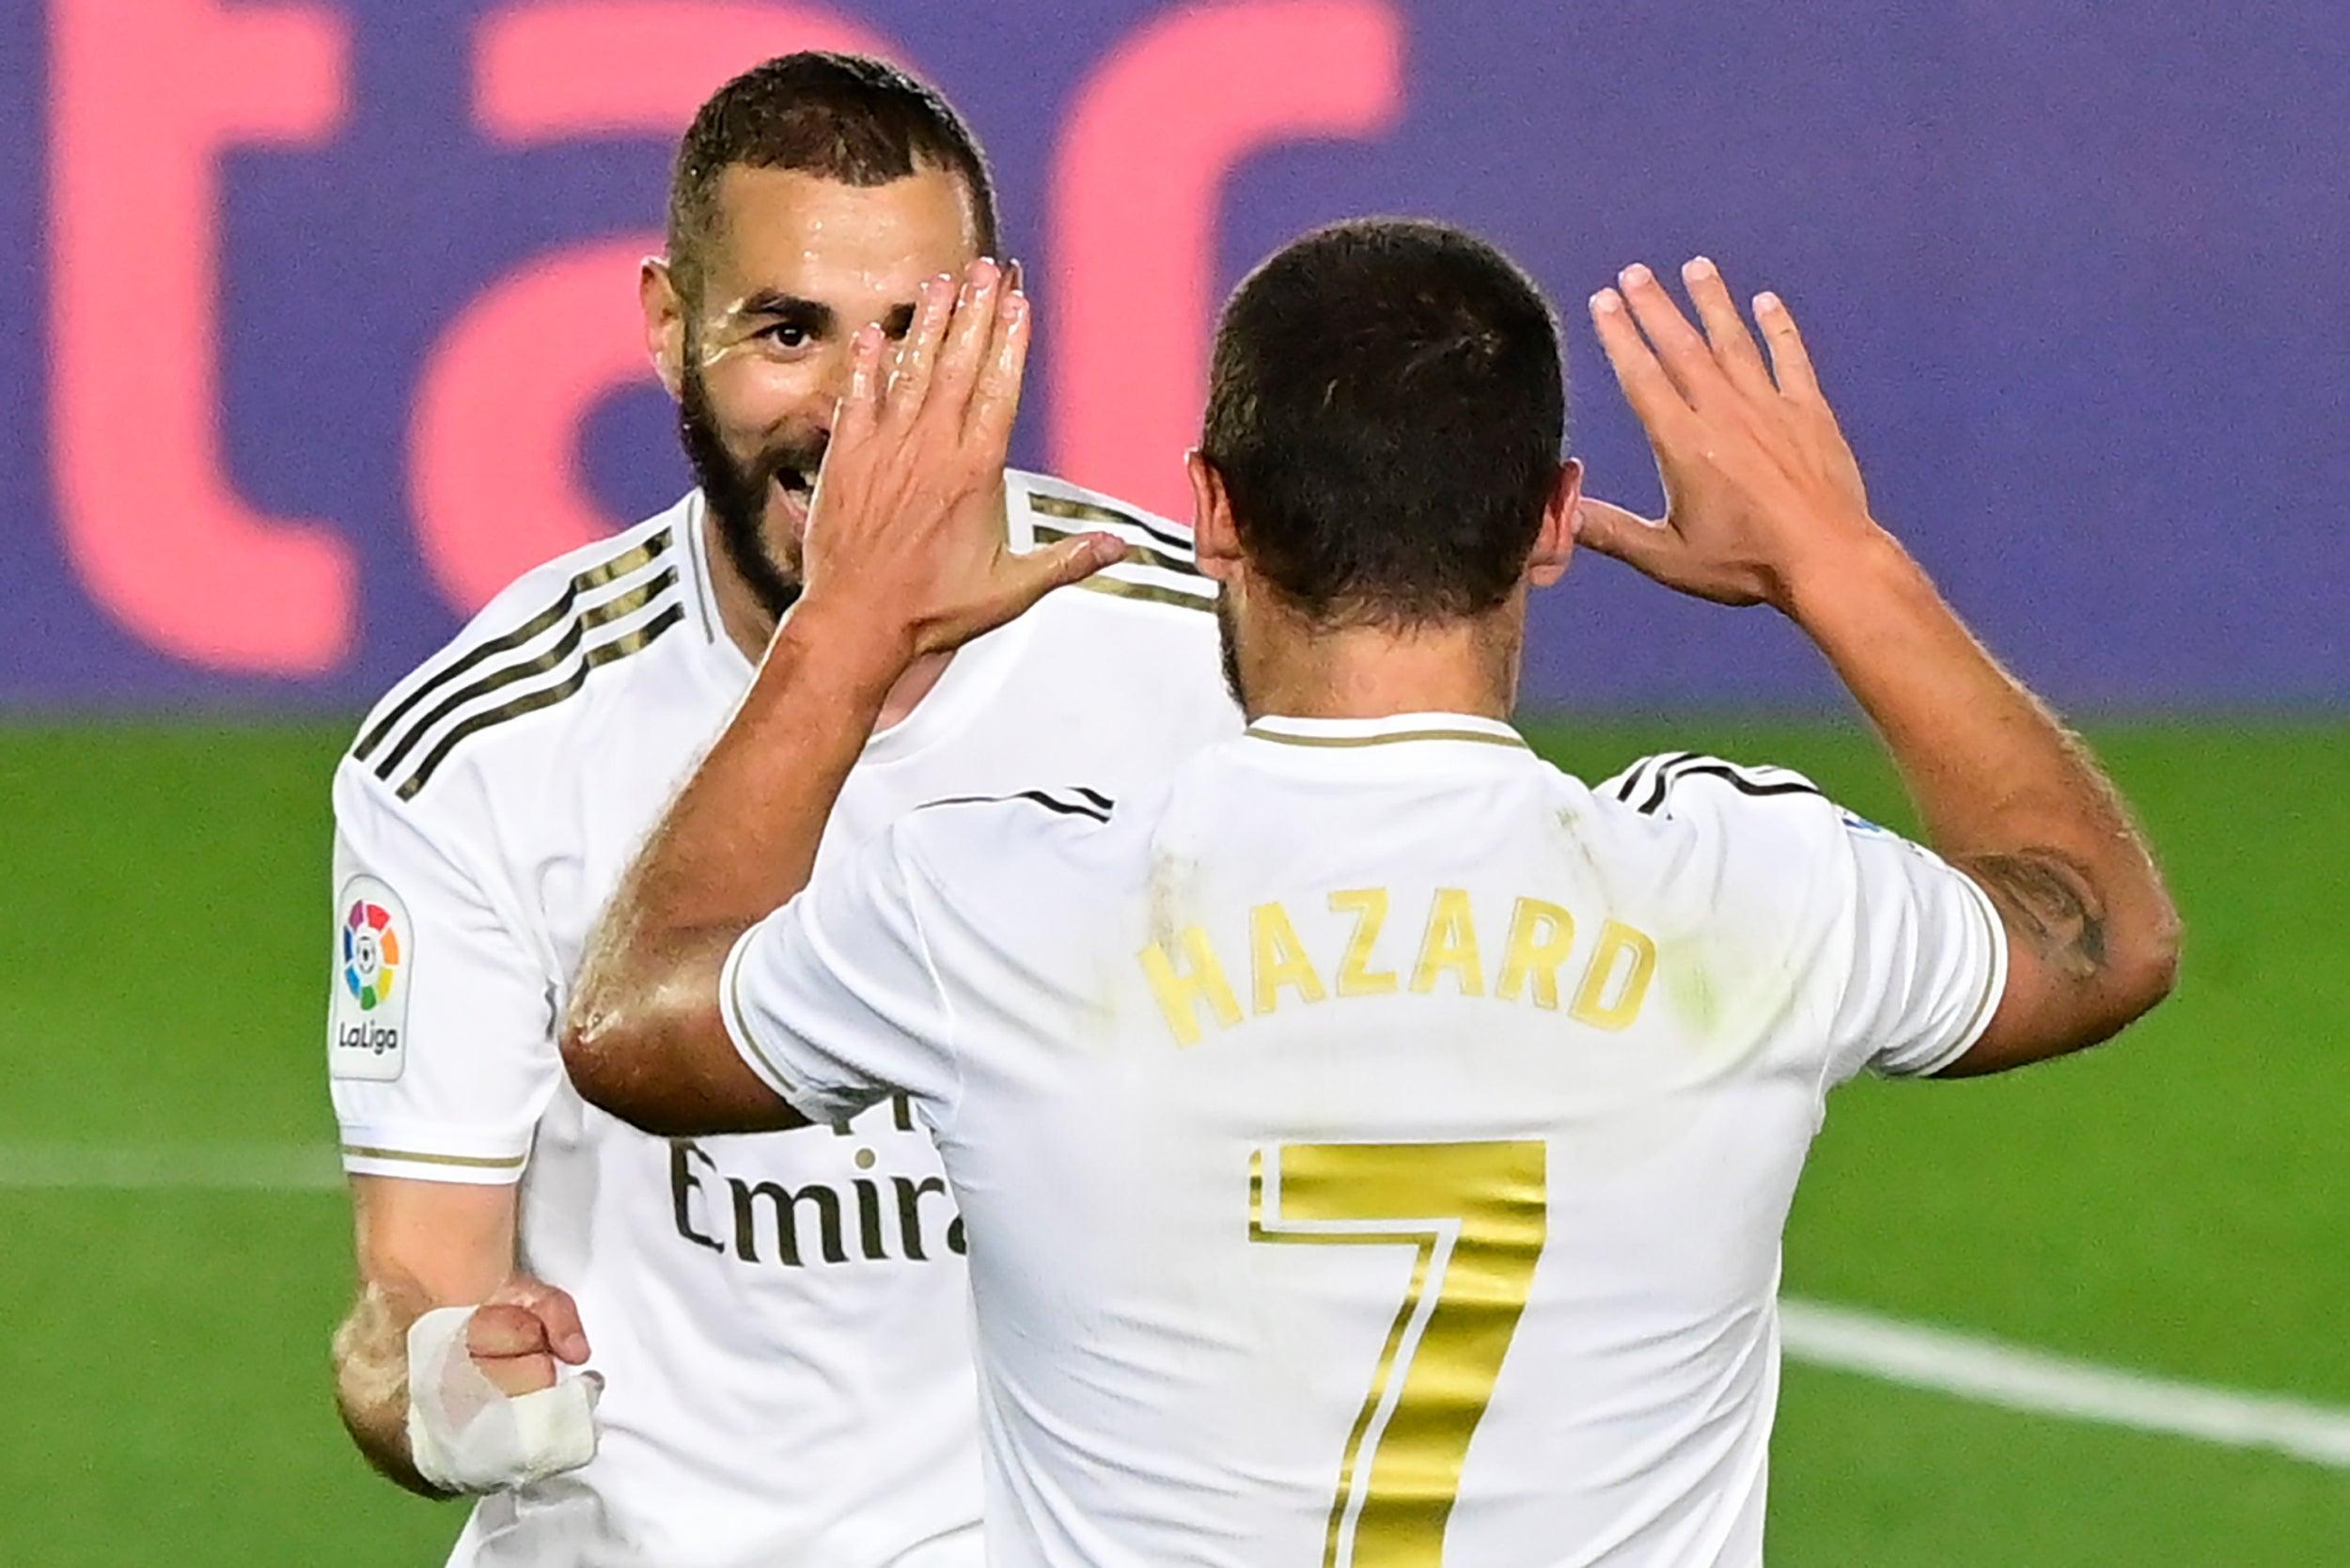 الإصابة تحرم ريال مدريد من خدمات بنزيمة